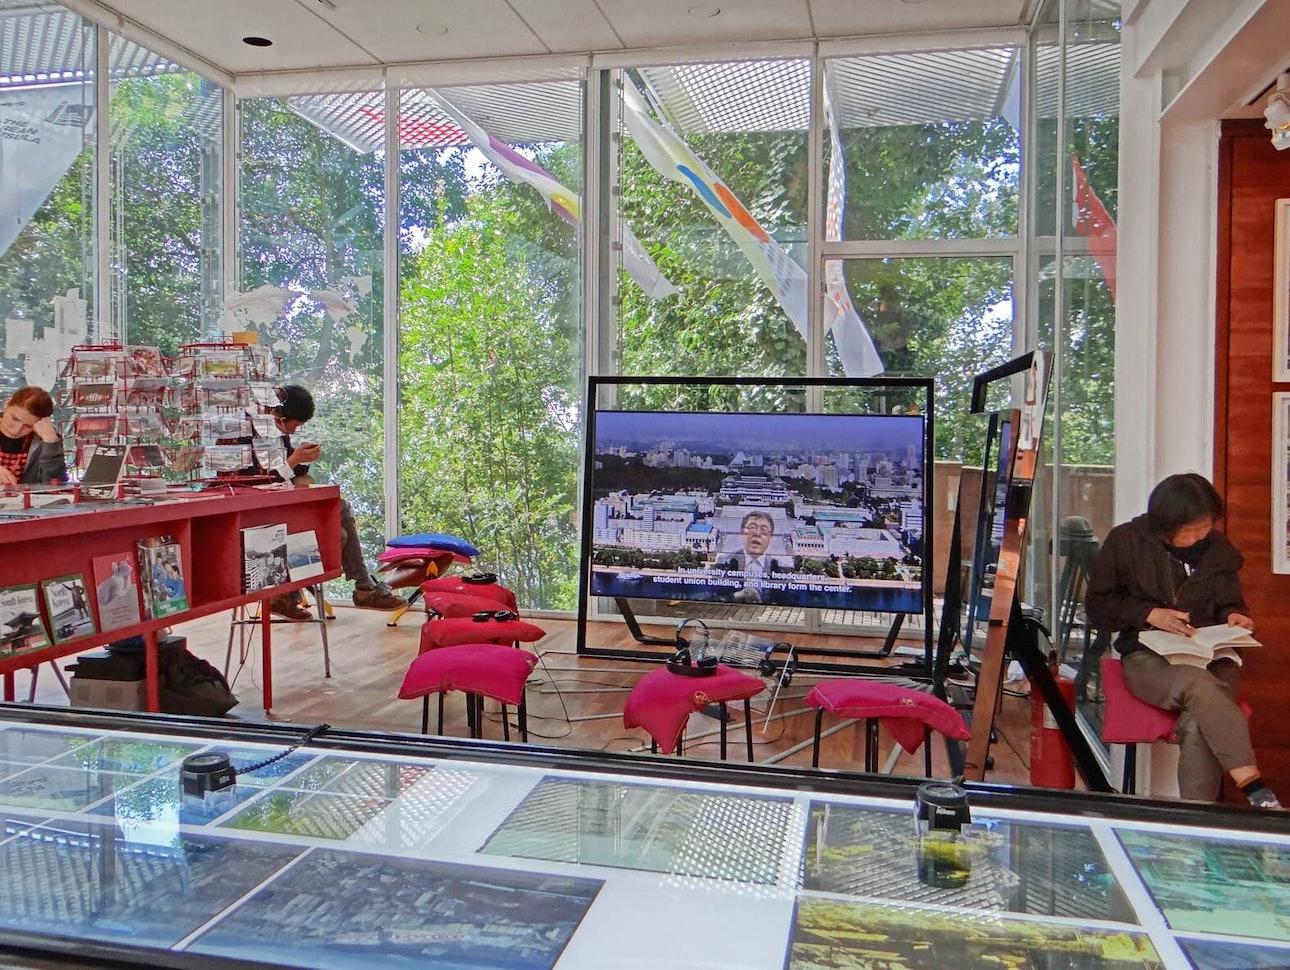 Pavillon_de_la_République_de_Corée_(Biennale_d'architecture_2014,_Venise)_Jean-Pierre Dalbéra_wikimedia_commons_biennale)